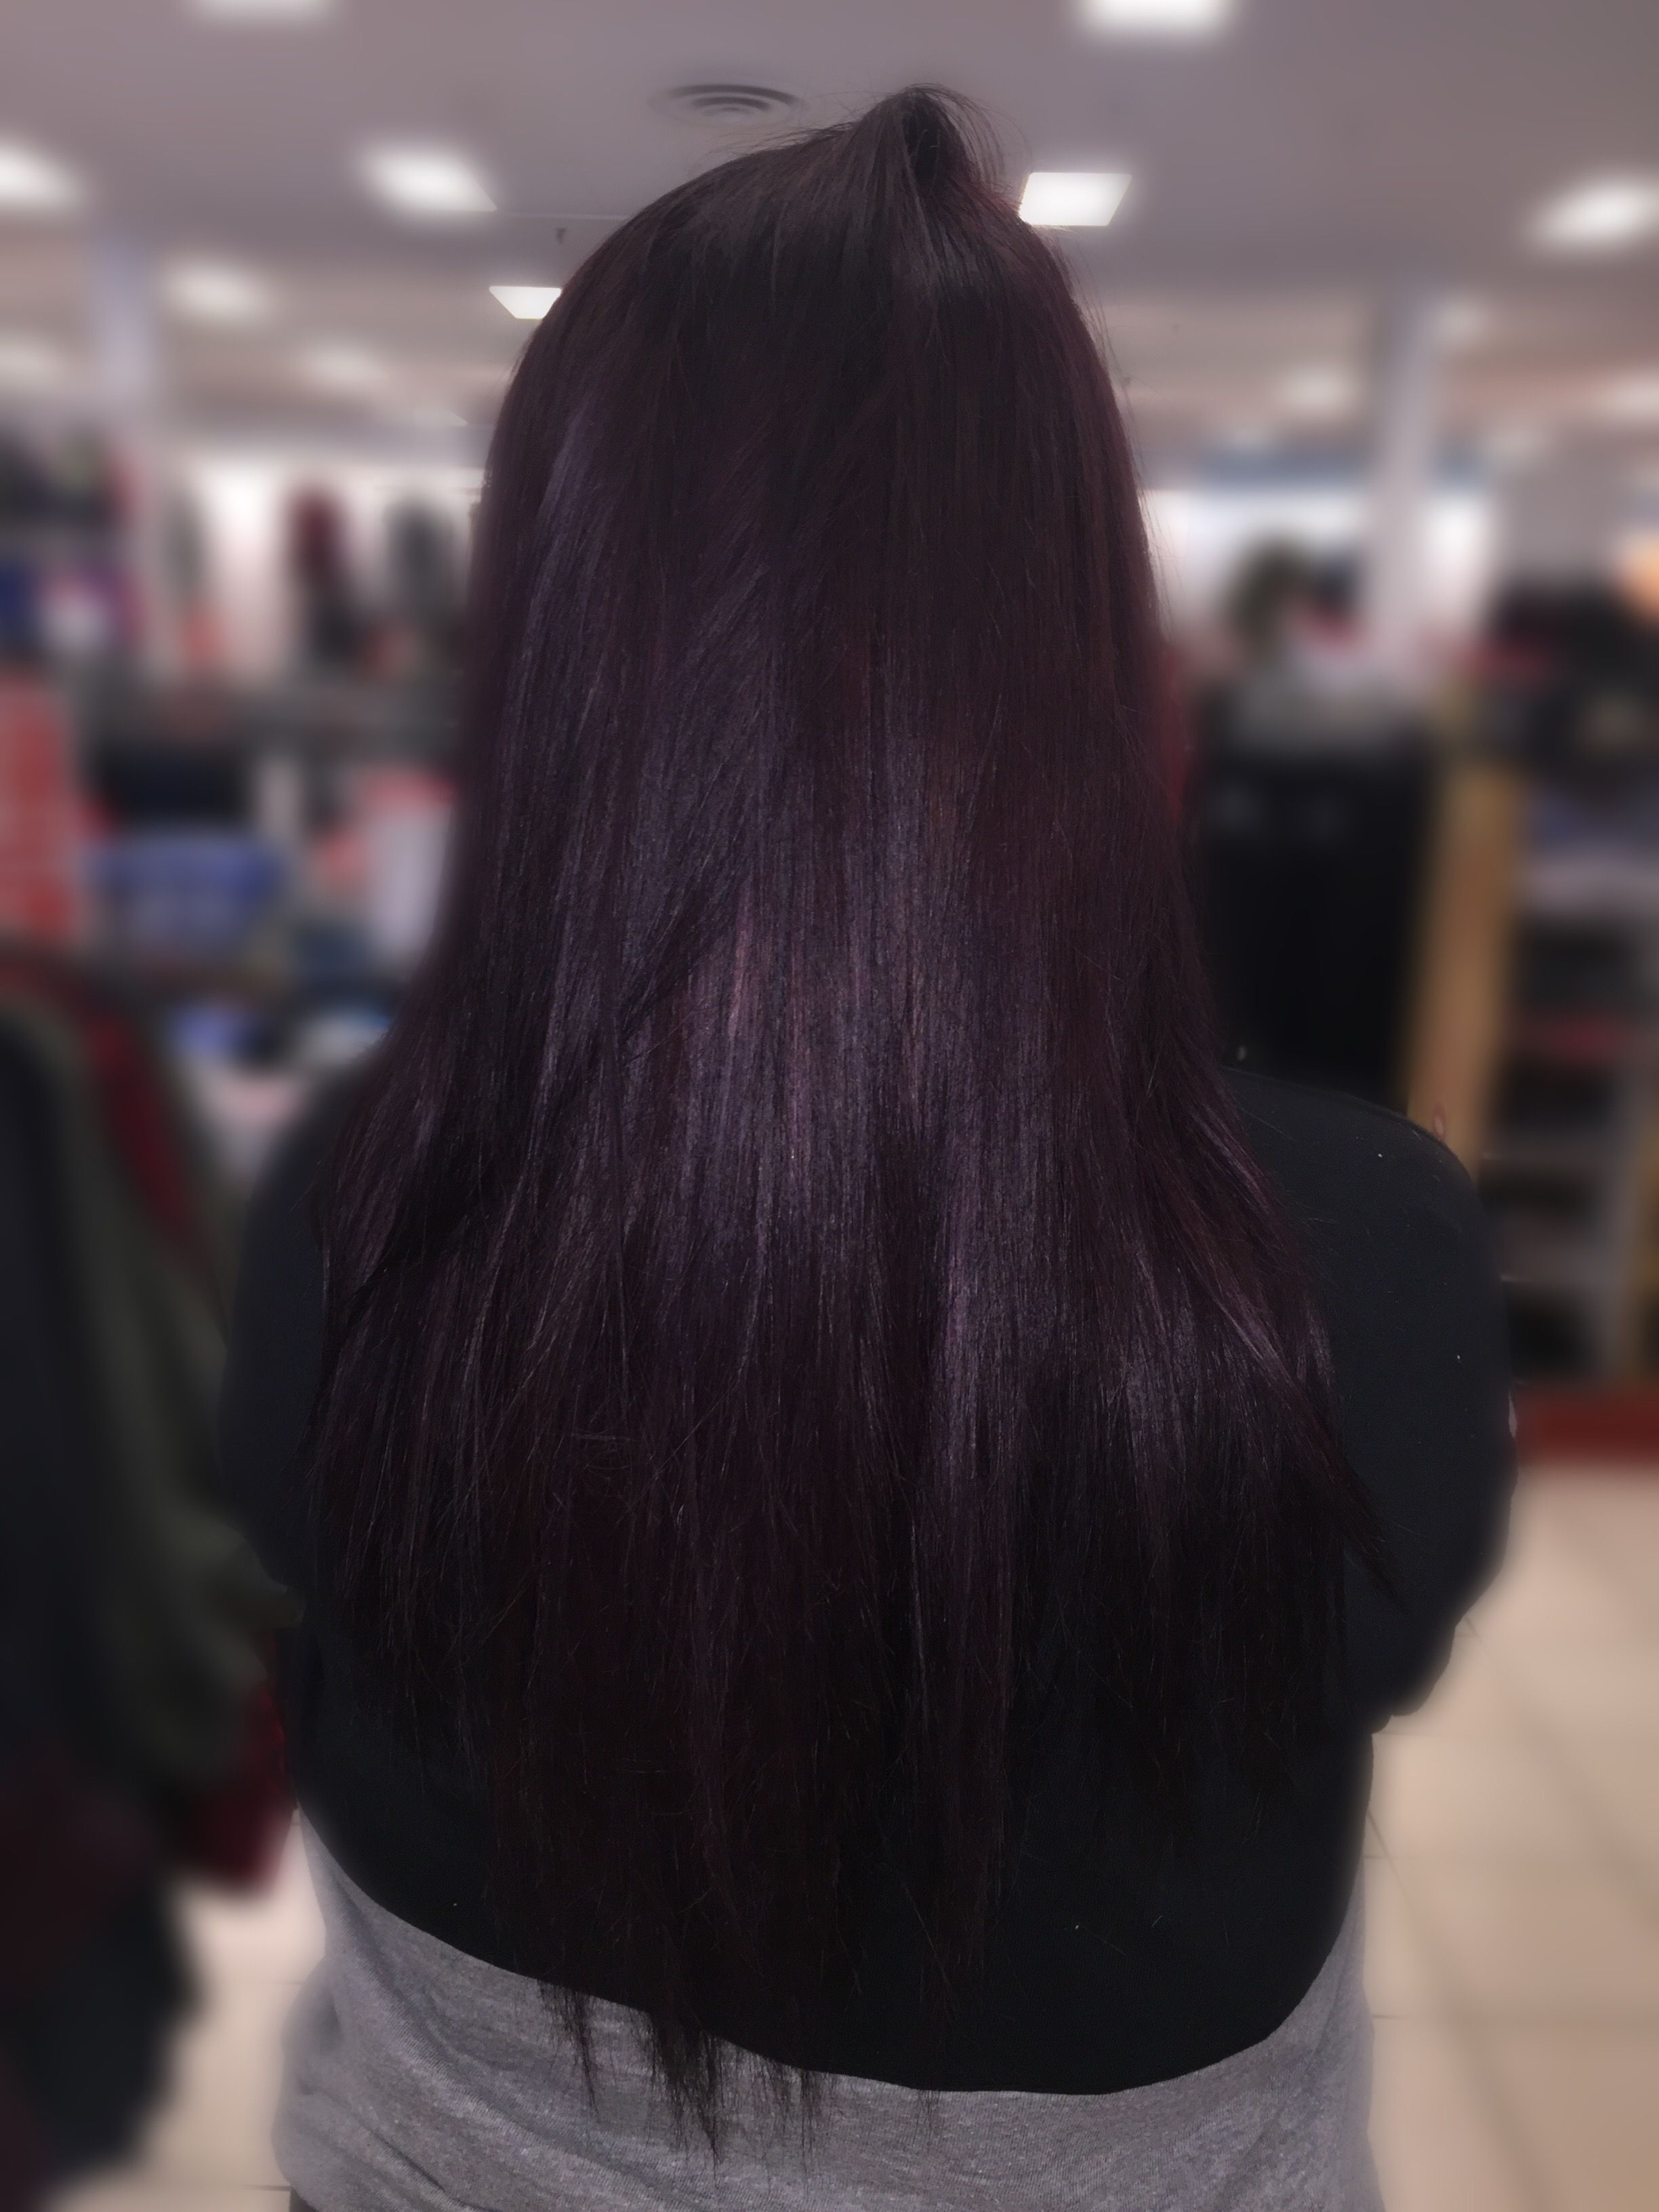 plum brown hair | h a i r in 2019 | burgundy hair, plum